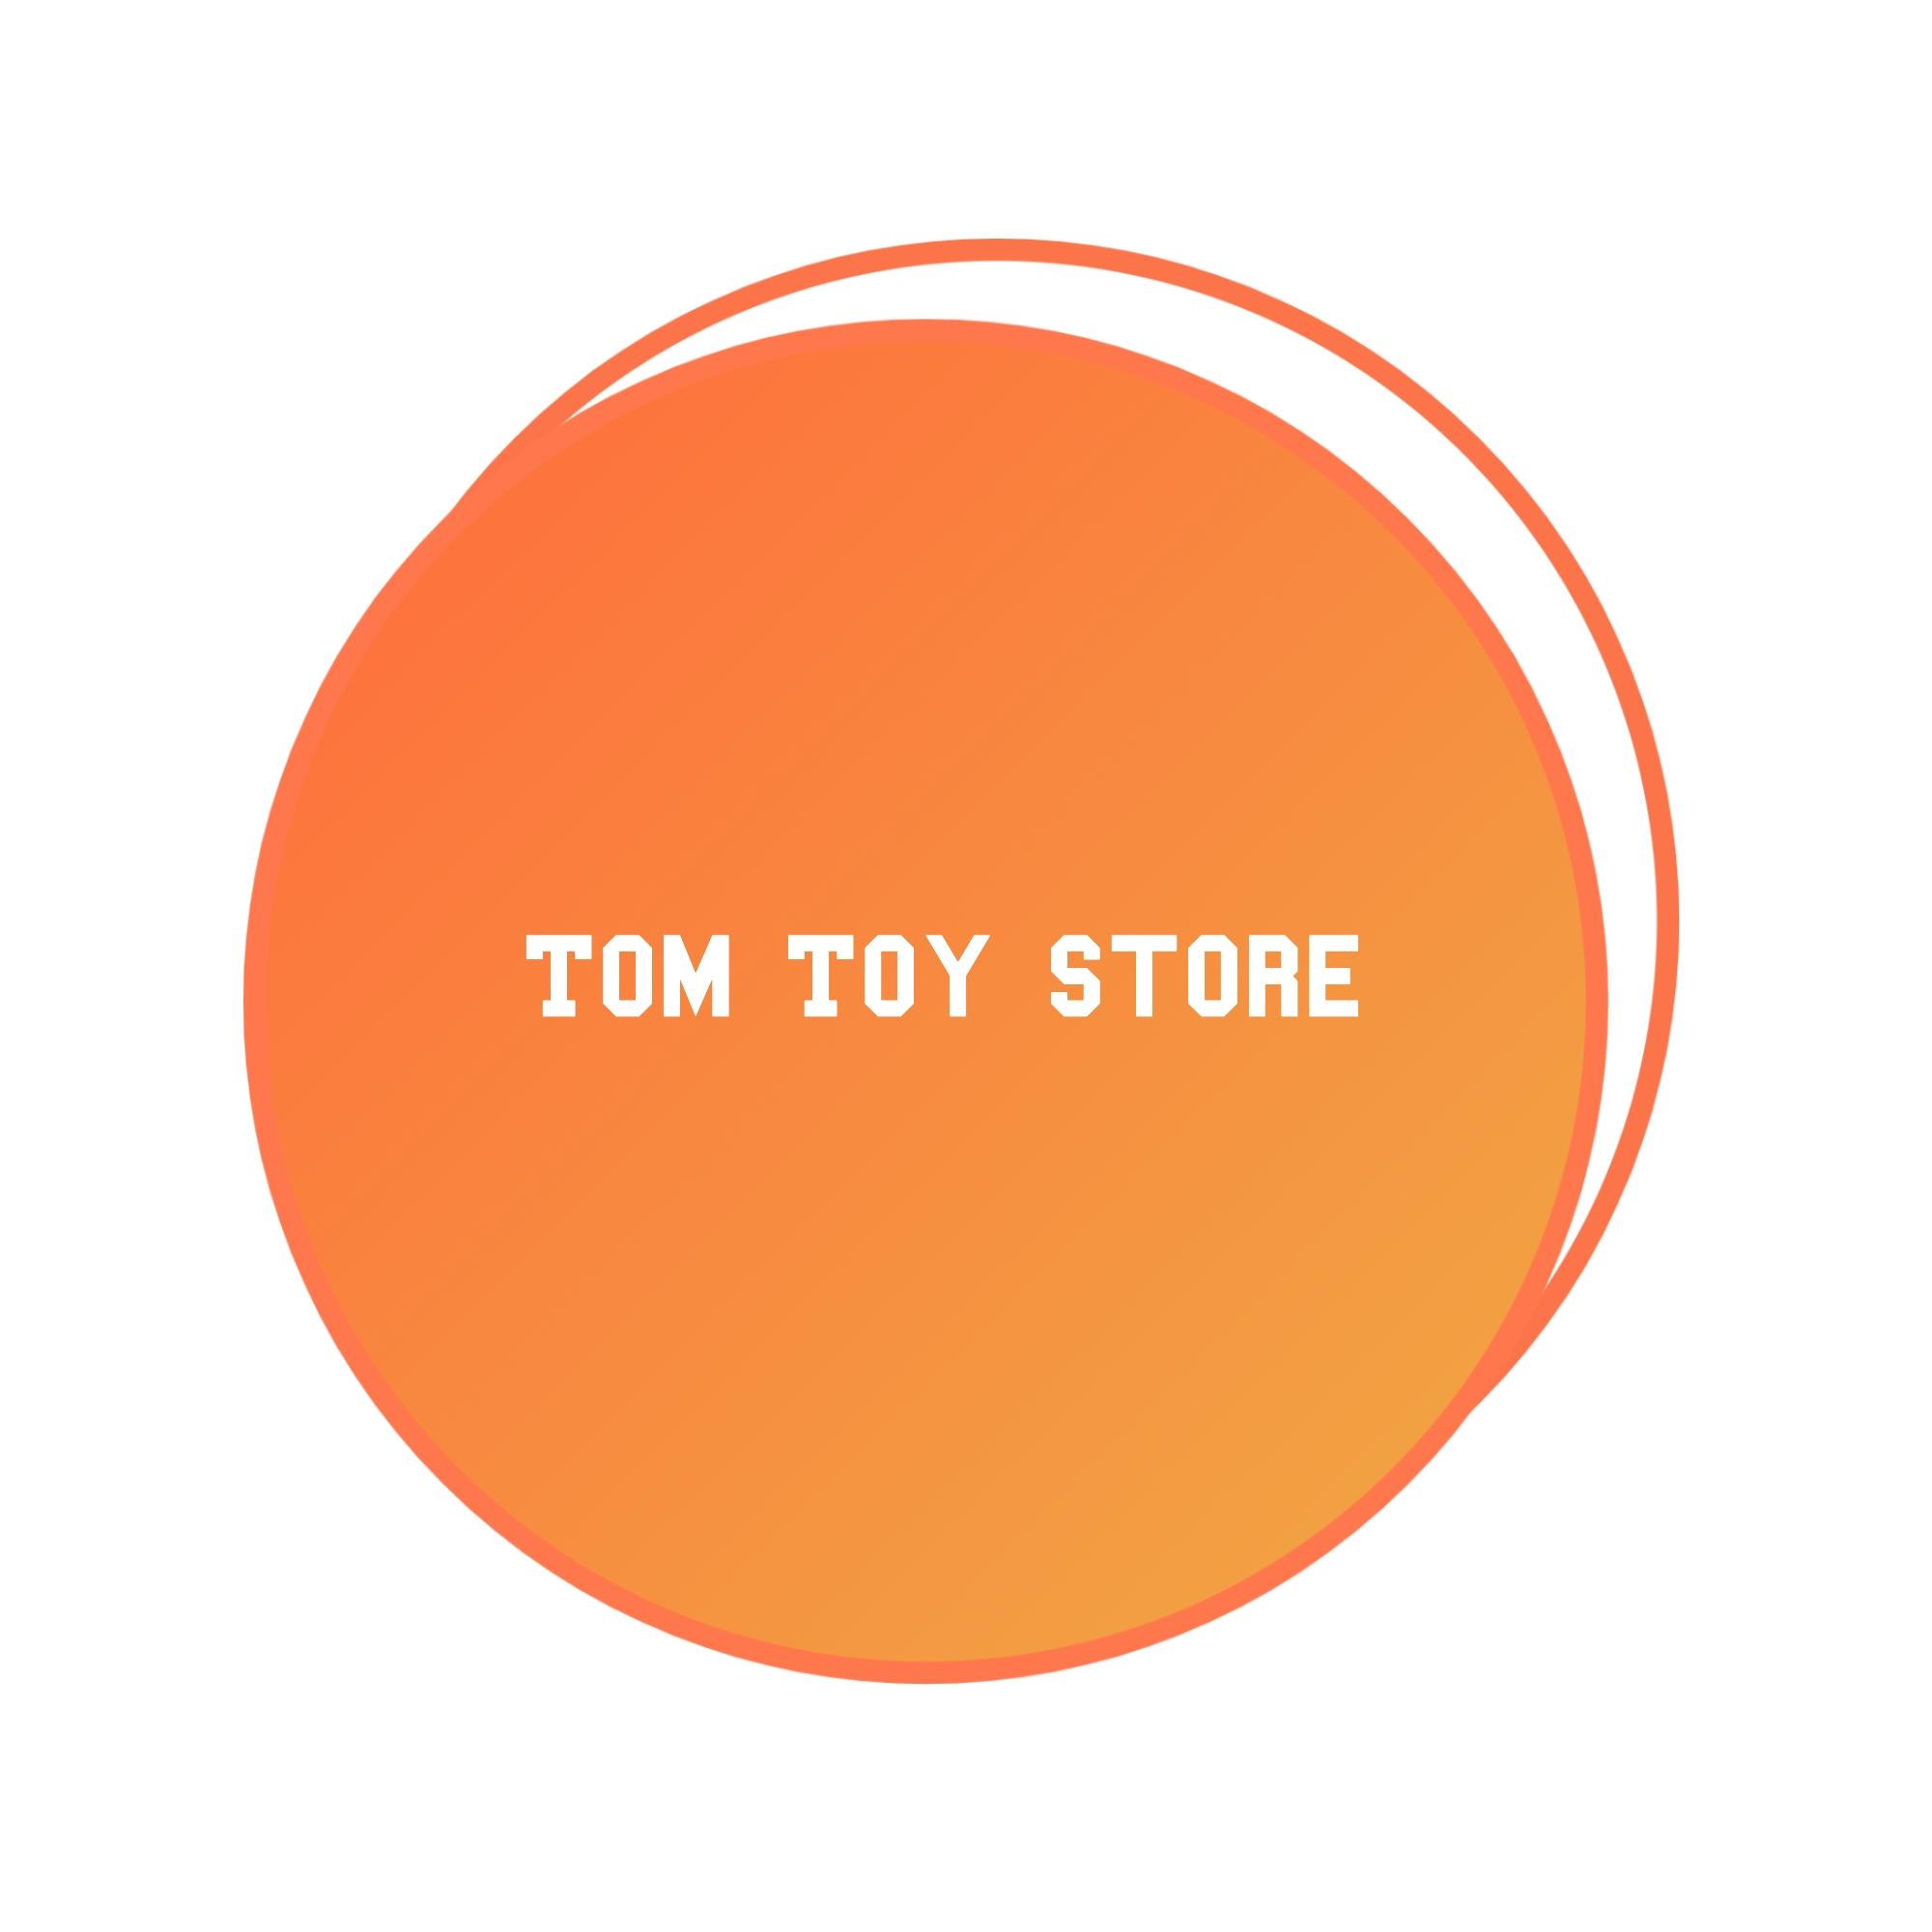 Kho sỉ Đồ Chơi trẻ em Tom Toy